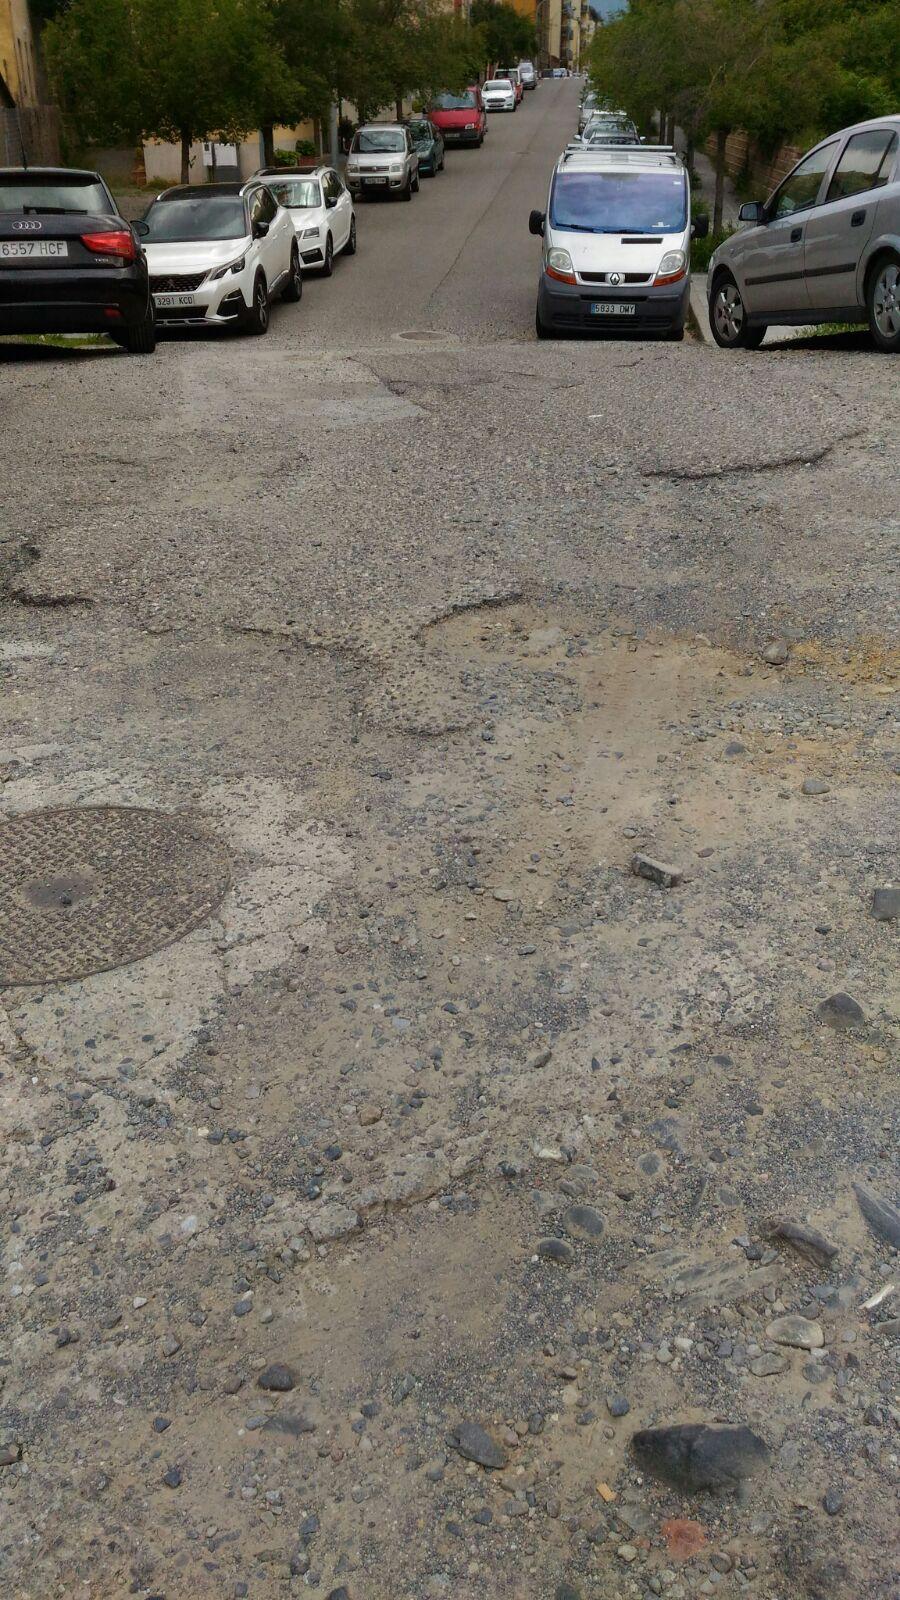 El carrer Monturull de la Seu fet un nyap